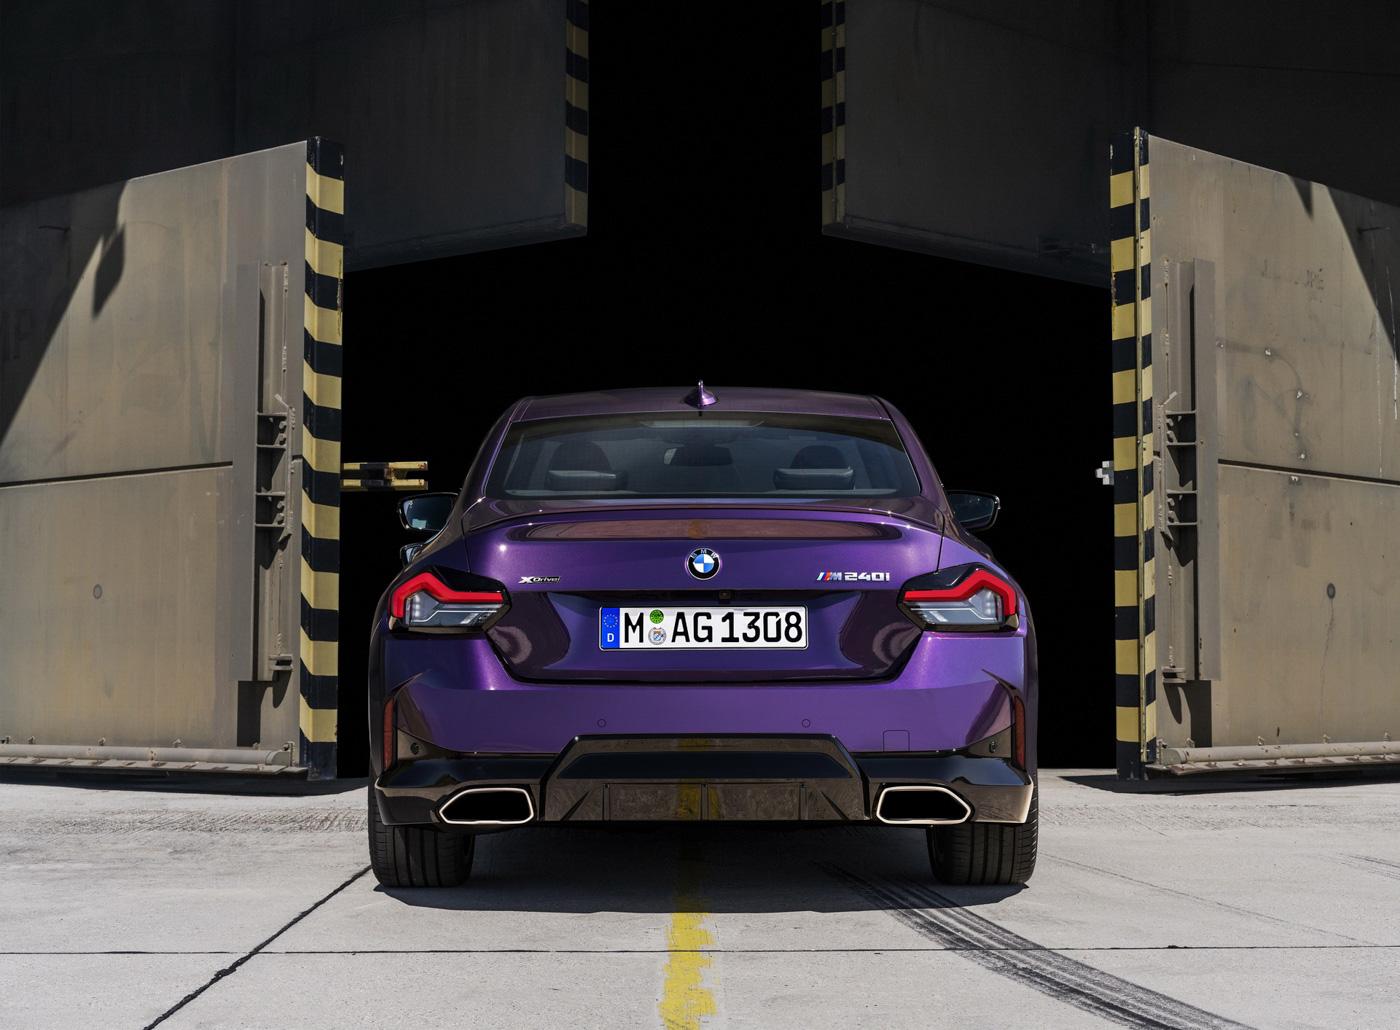 BMW-2-series-2022-ra-mắt-với-giá-bán-từ-36350-usd-21.jpg